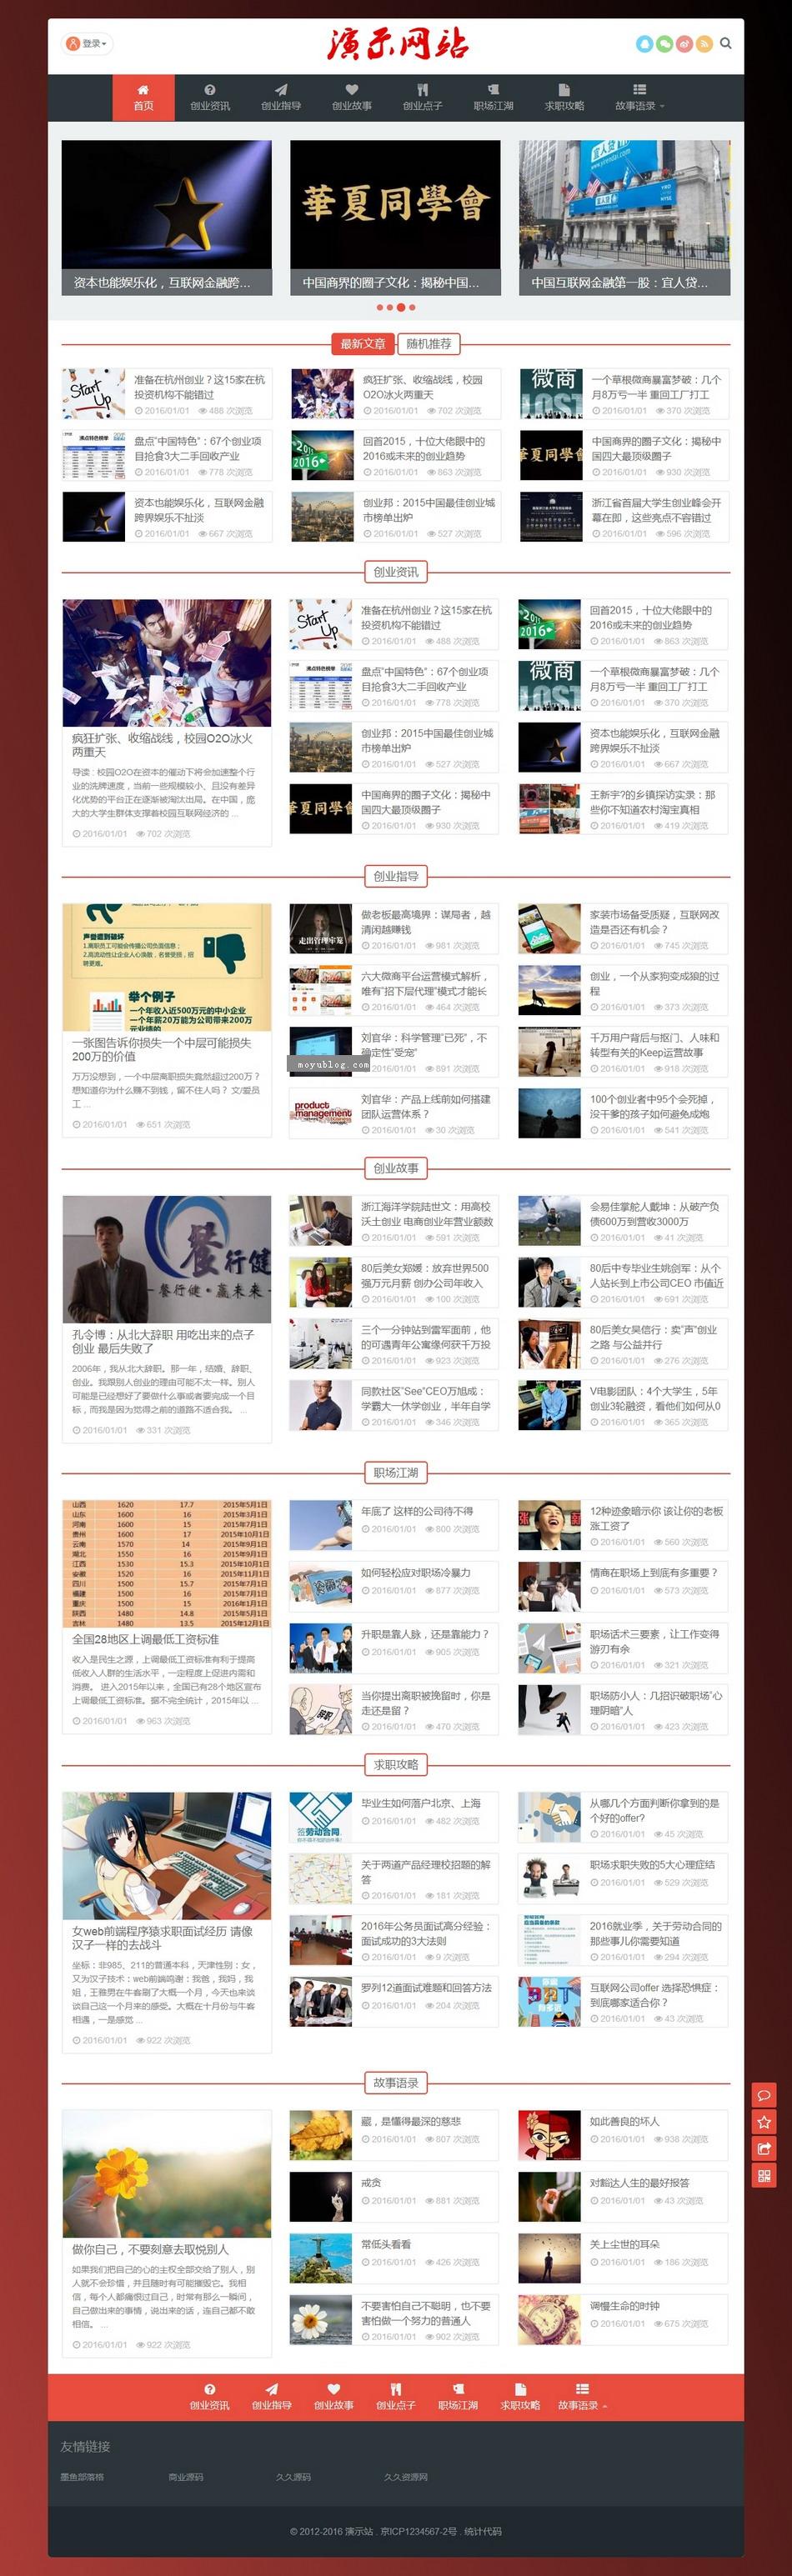 HTML5响应式个人网站博客文章新闻资讯帝国CMS整站自适应手机模板